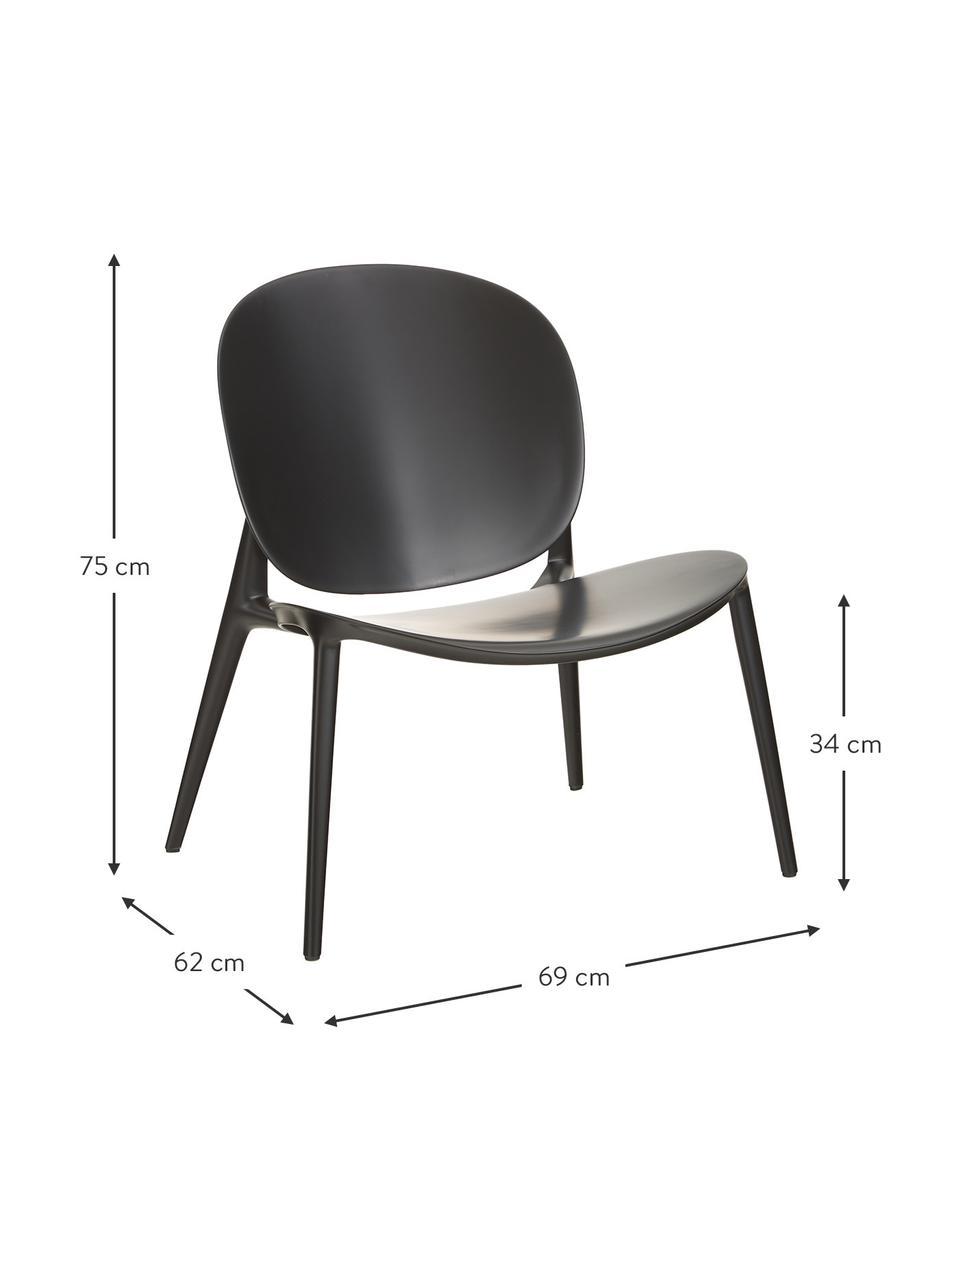 Sedia a poltrona in materiale sintetico Be Bop, Polipropilene modificato, Nero, Larg. 69 x Prof. 62 cm